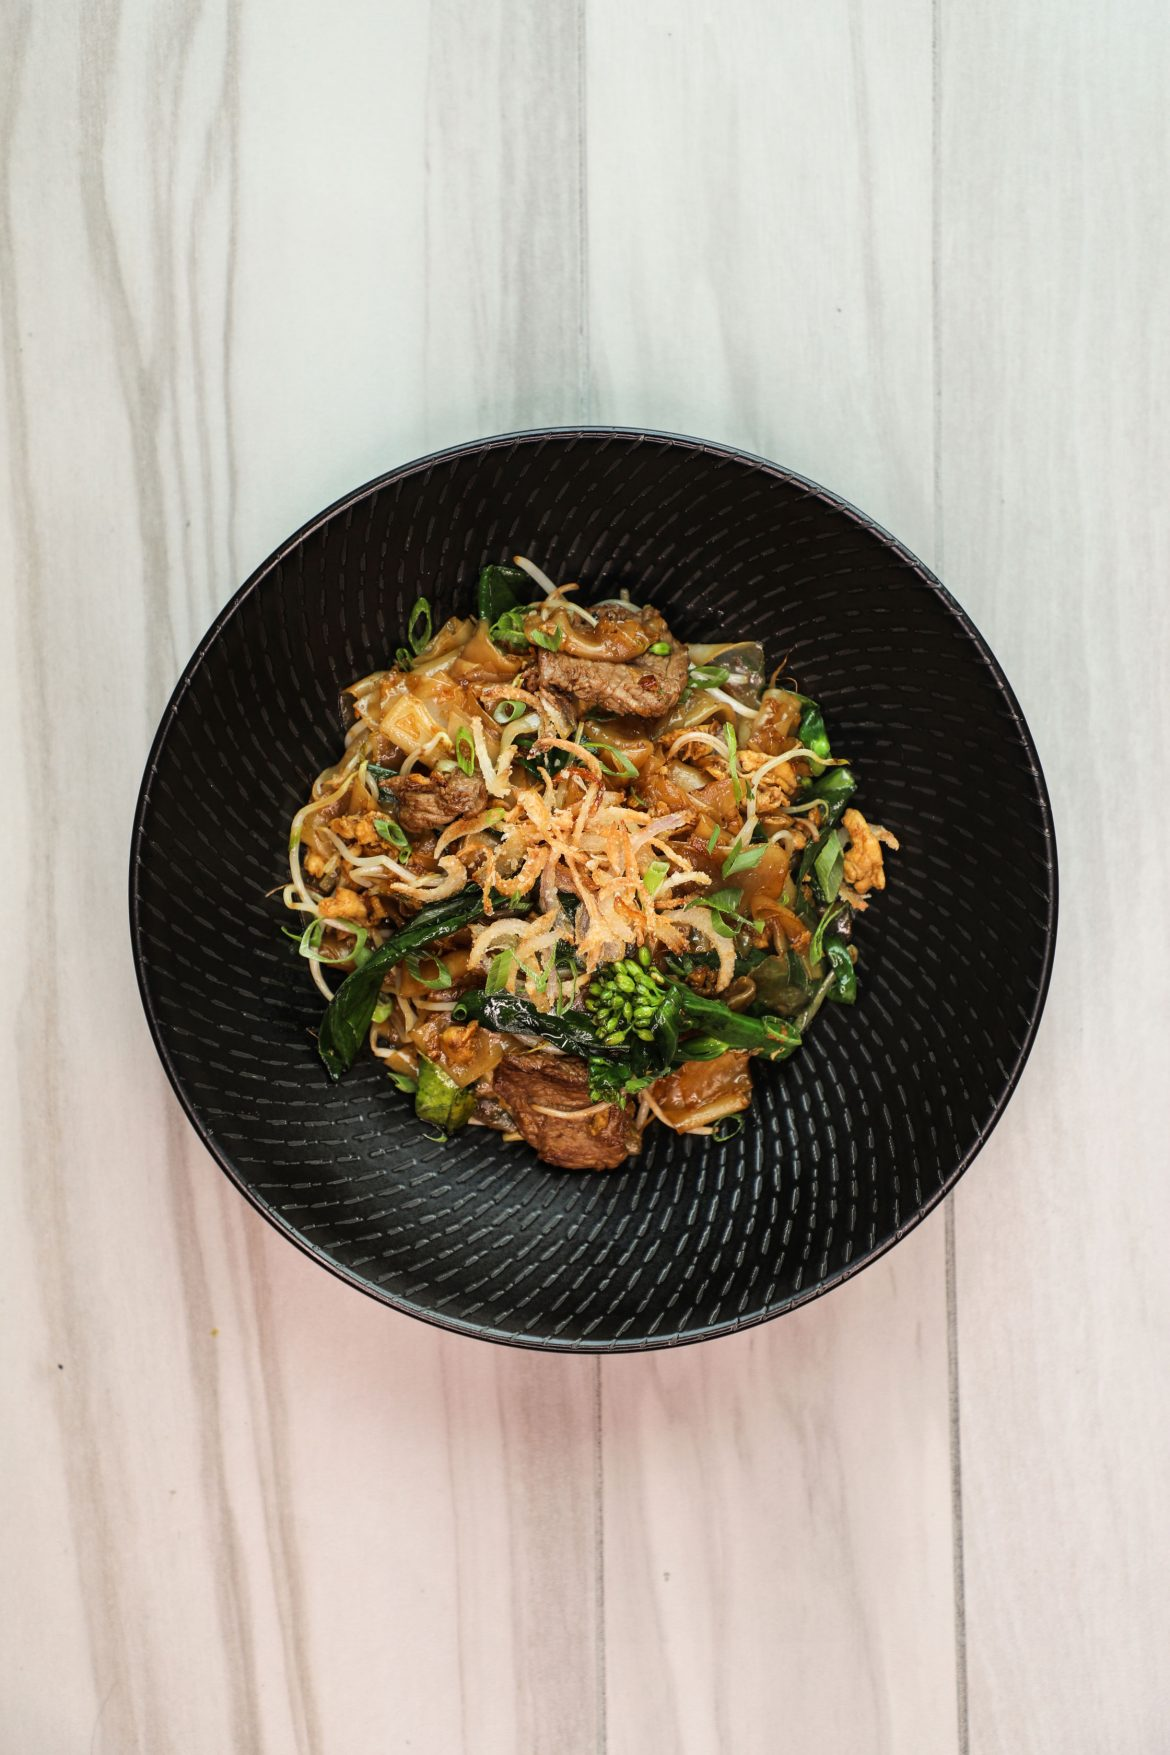 مطعم نودل هاوس يقدم قائمة طعام جديدة مستوحاة من المطبخ الماليزي